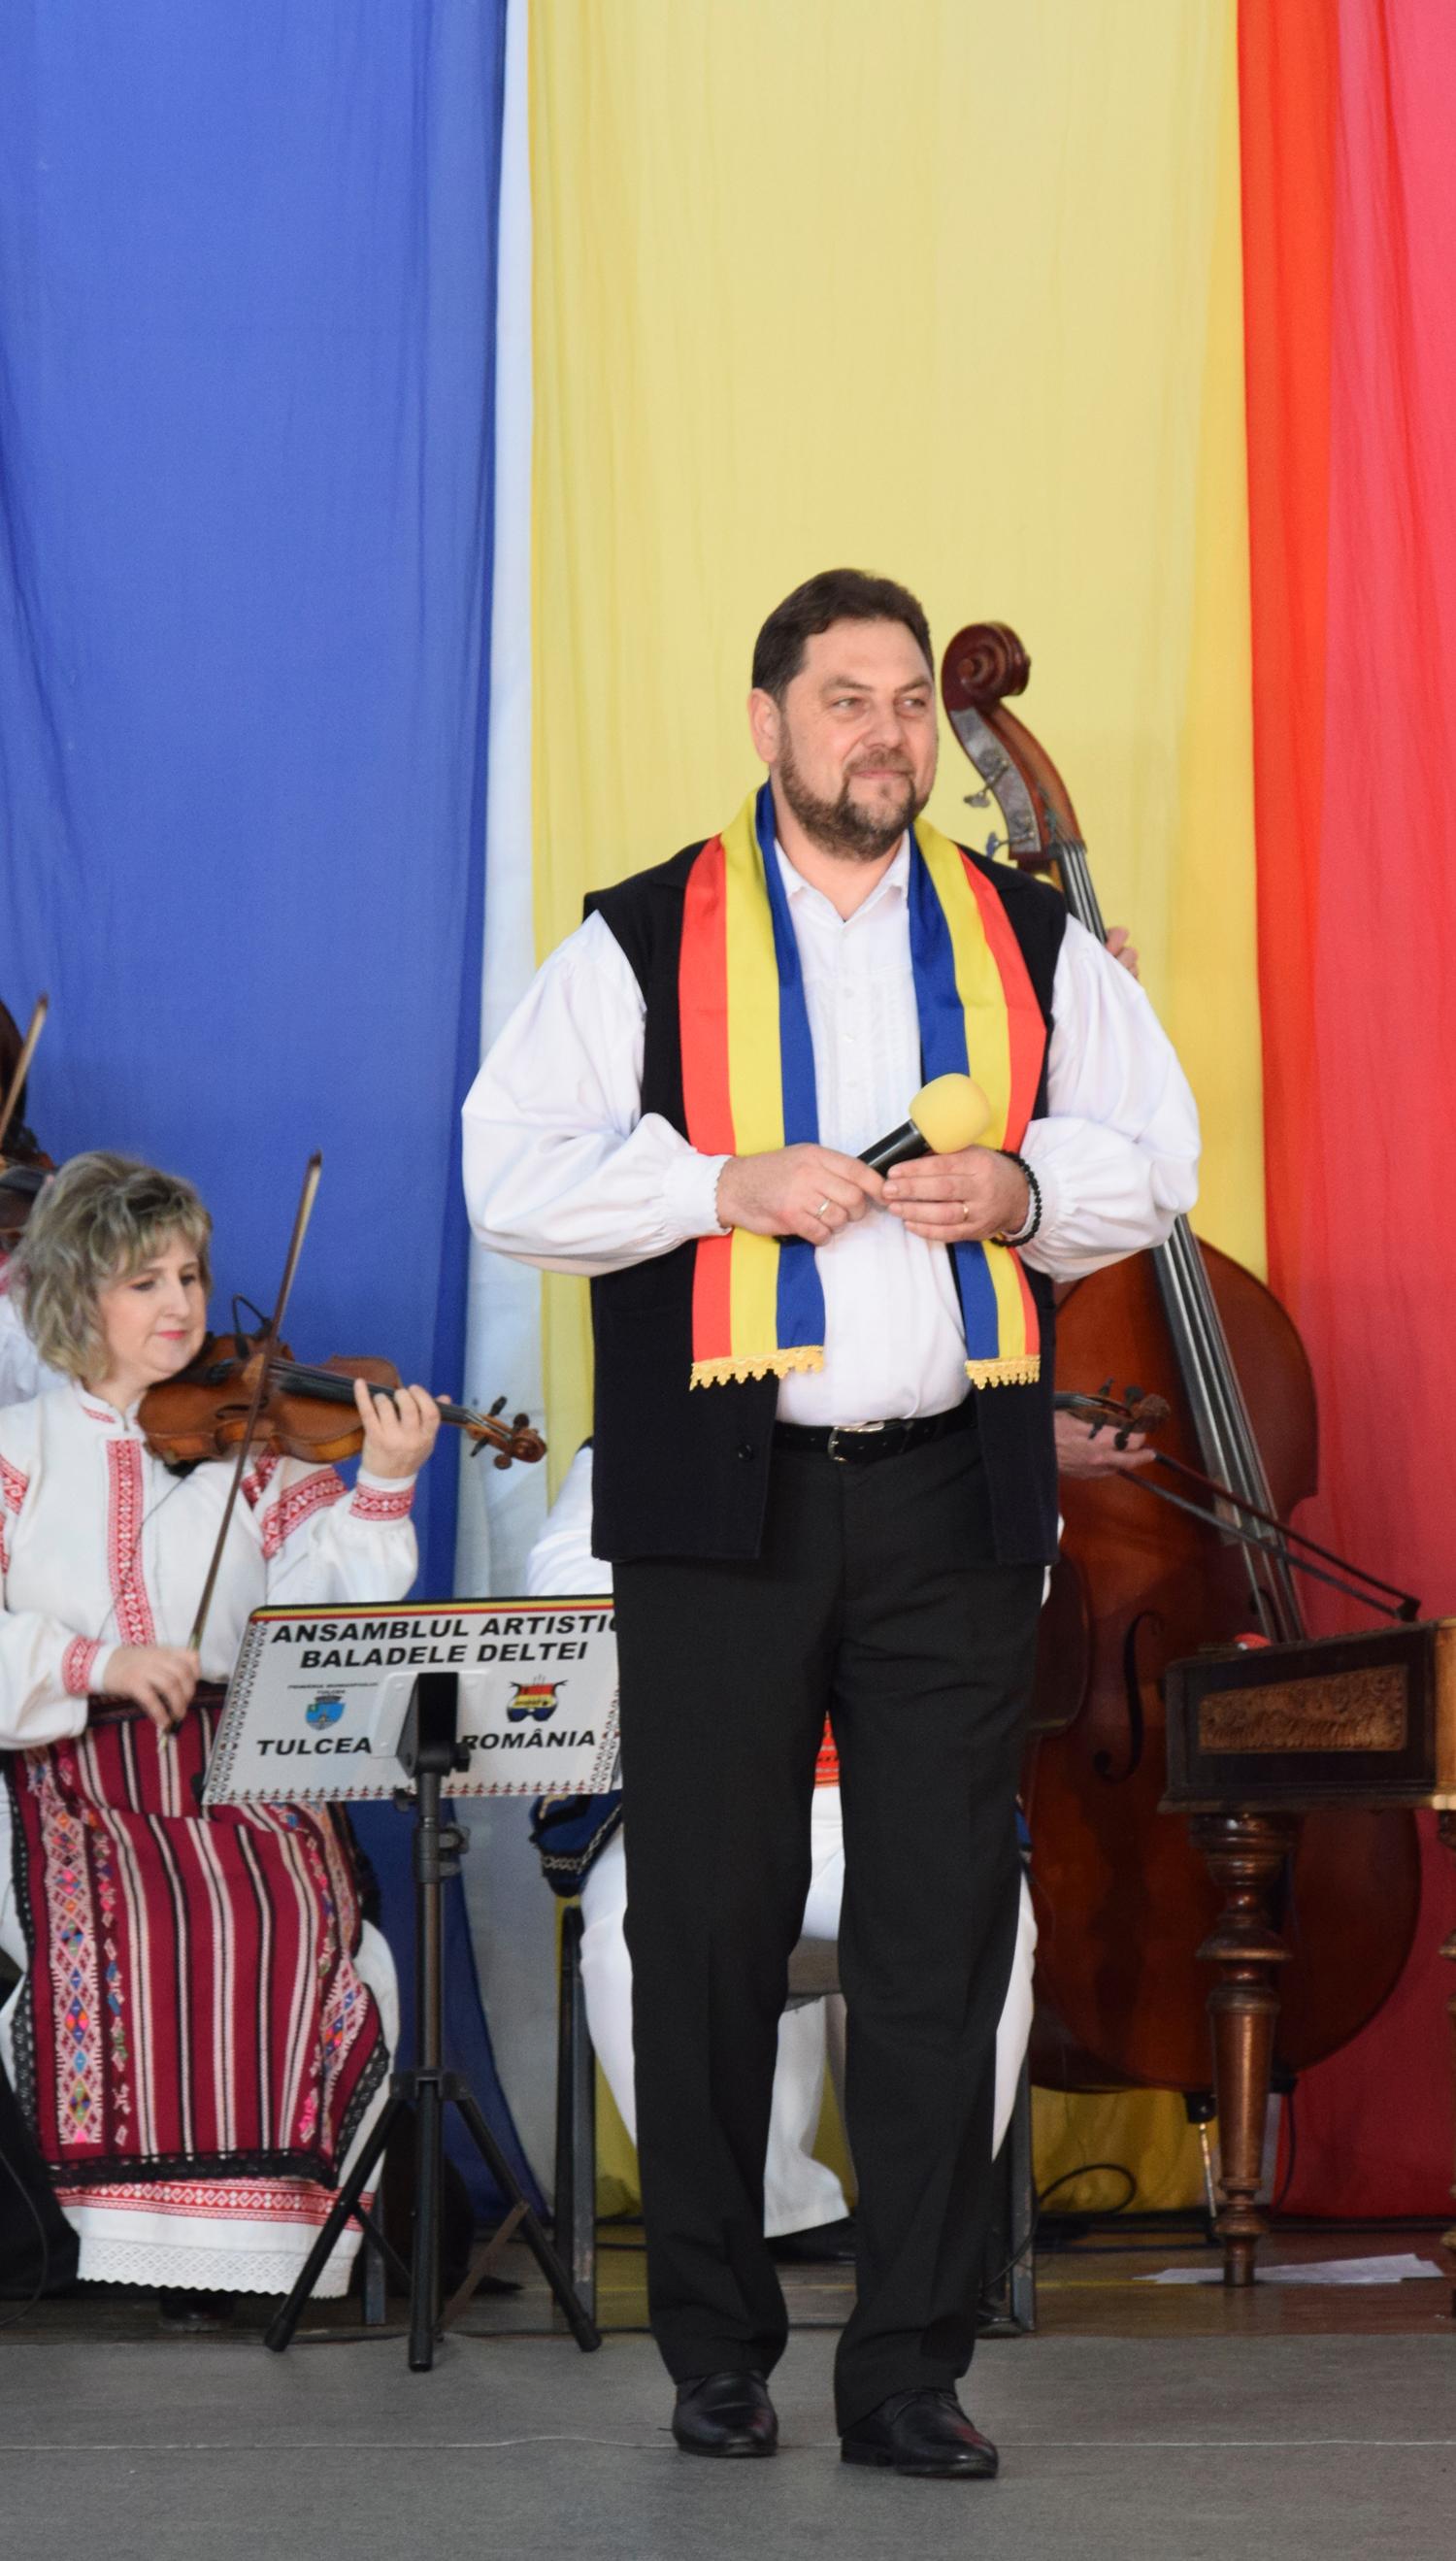 Cel care a încheiat spectacolul, părintele Marius Ciprian Pop, a produs, la rândul său celor prezenți o impresie de neuitat!